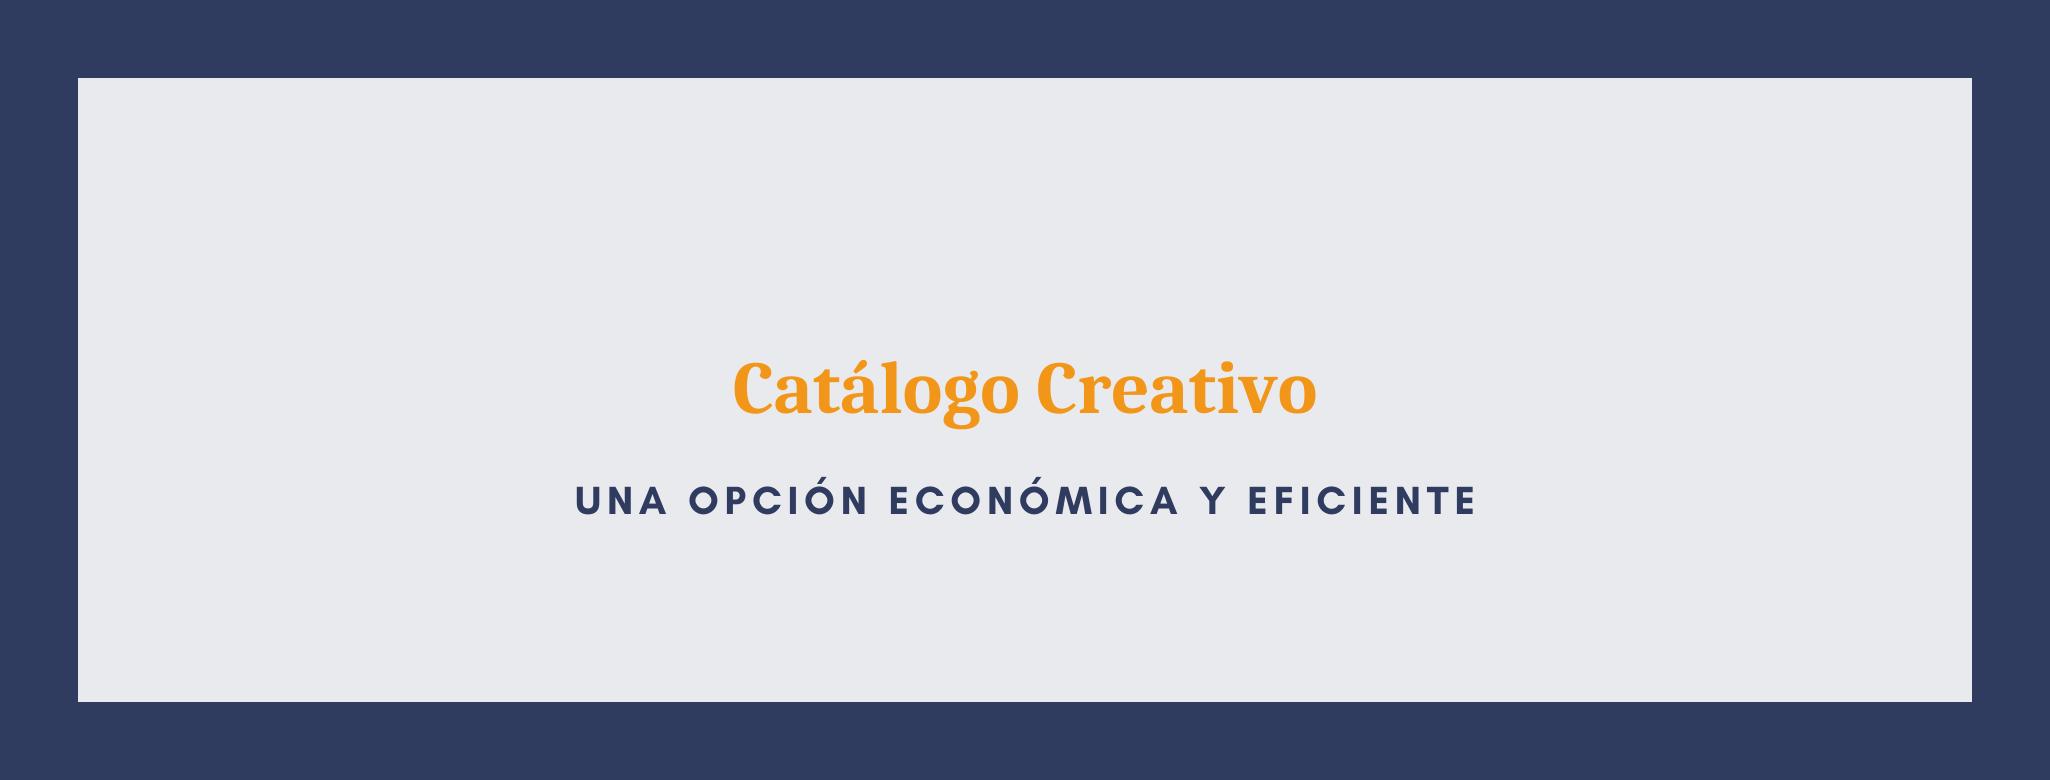 Infografía sobre cómo los catálogos son una opción económica y eficiente para nuestros negocios.